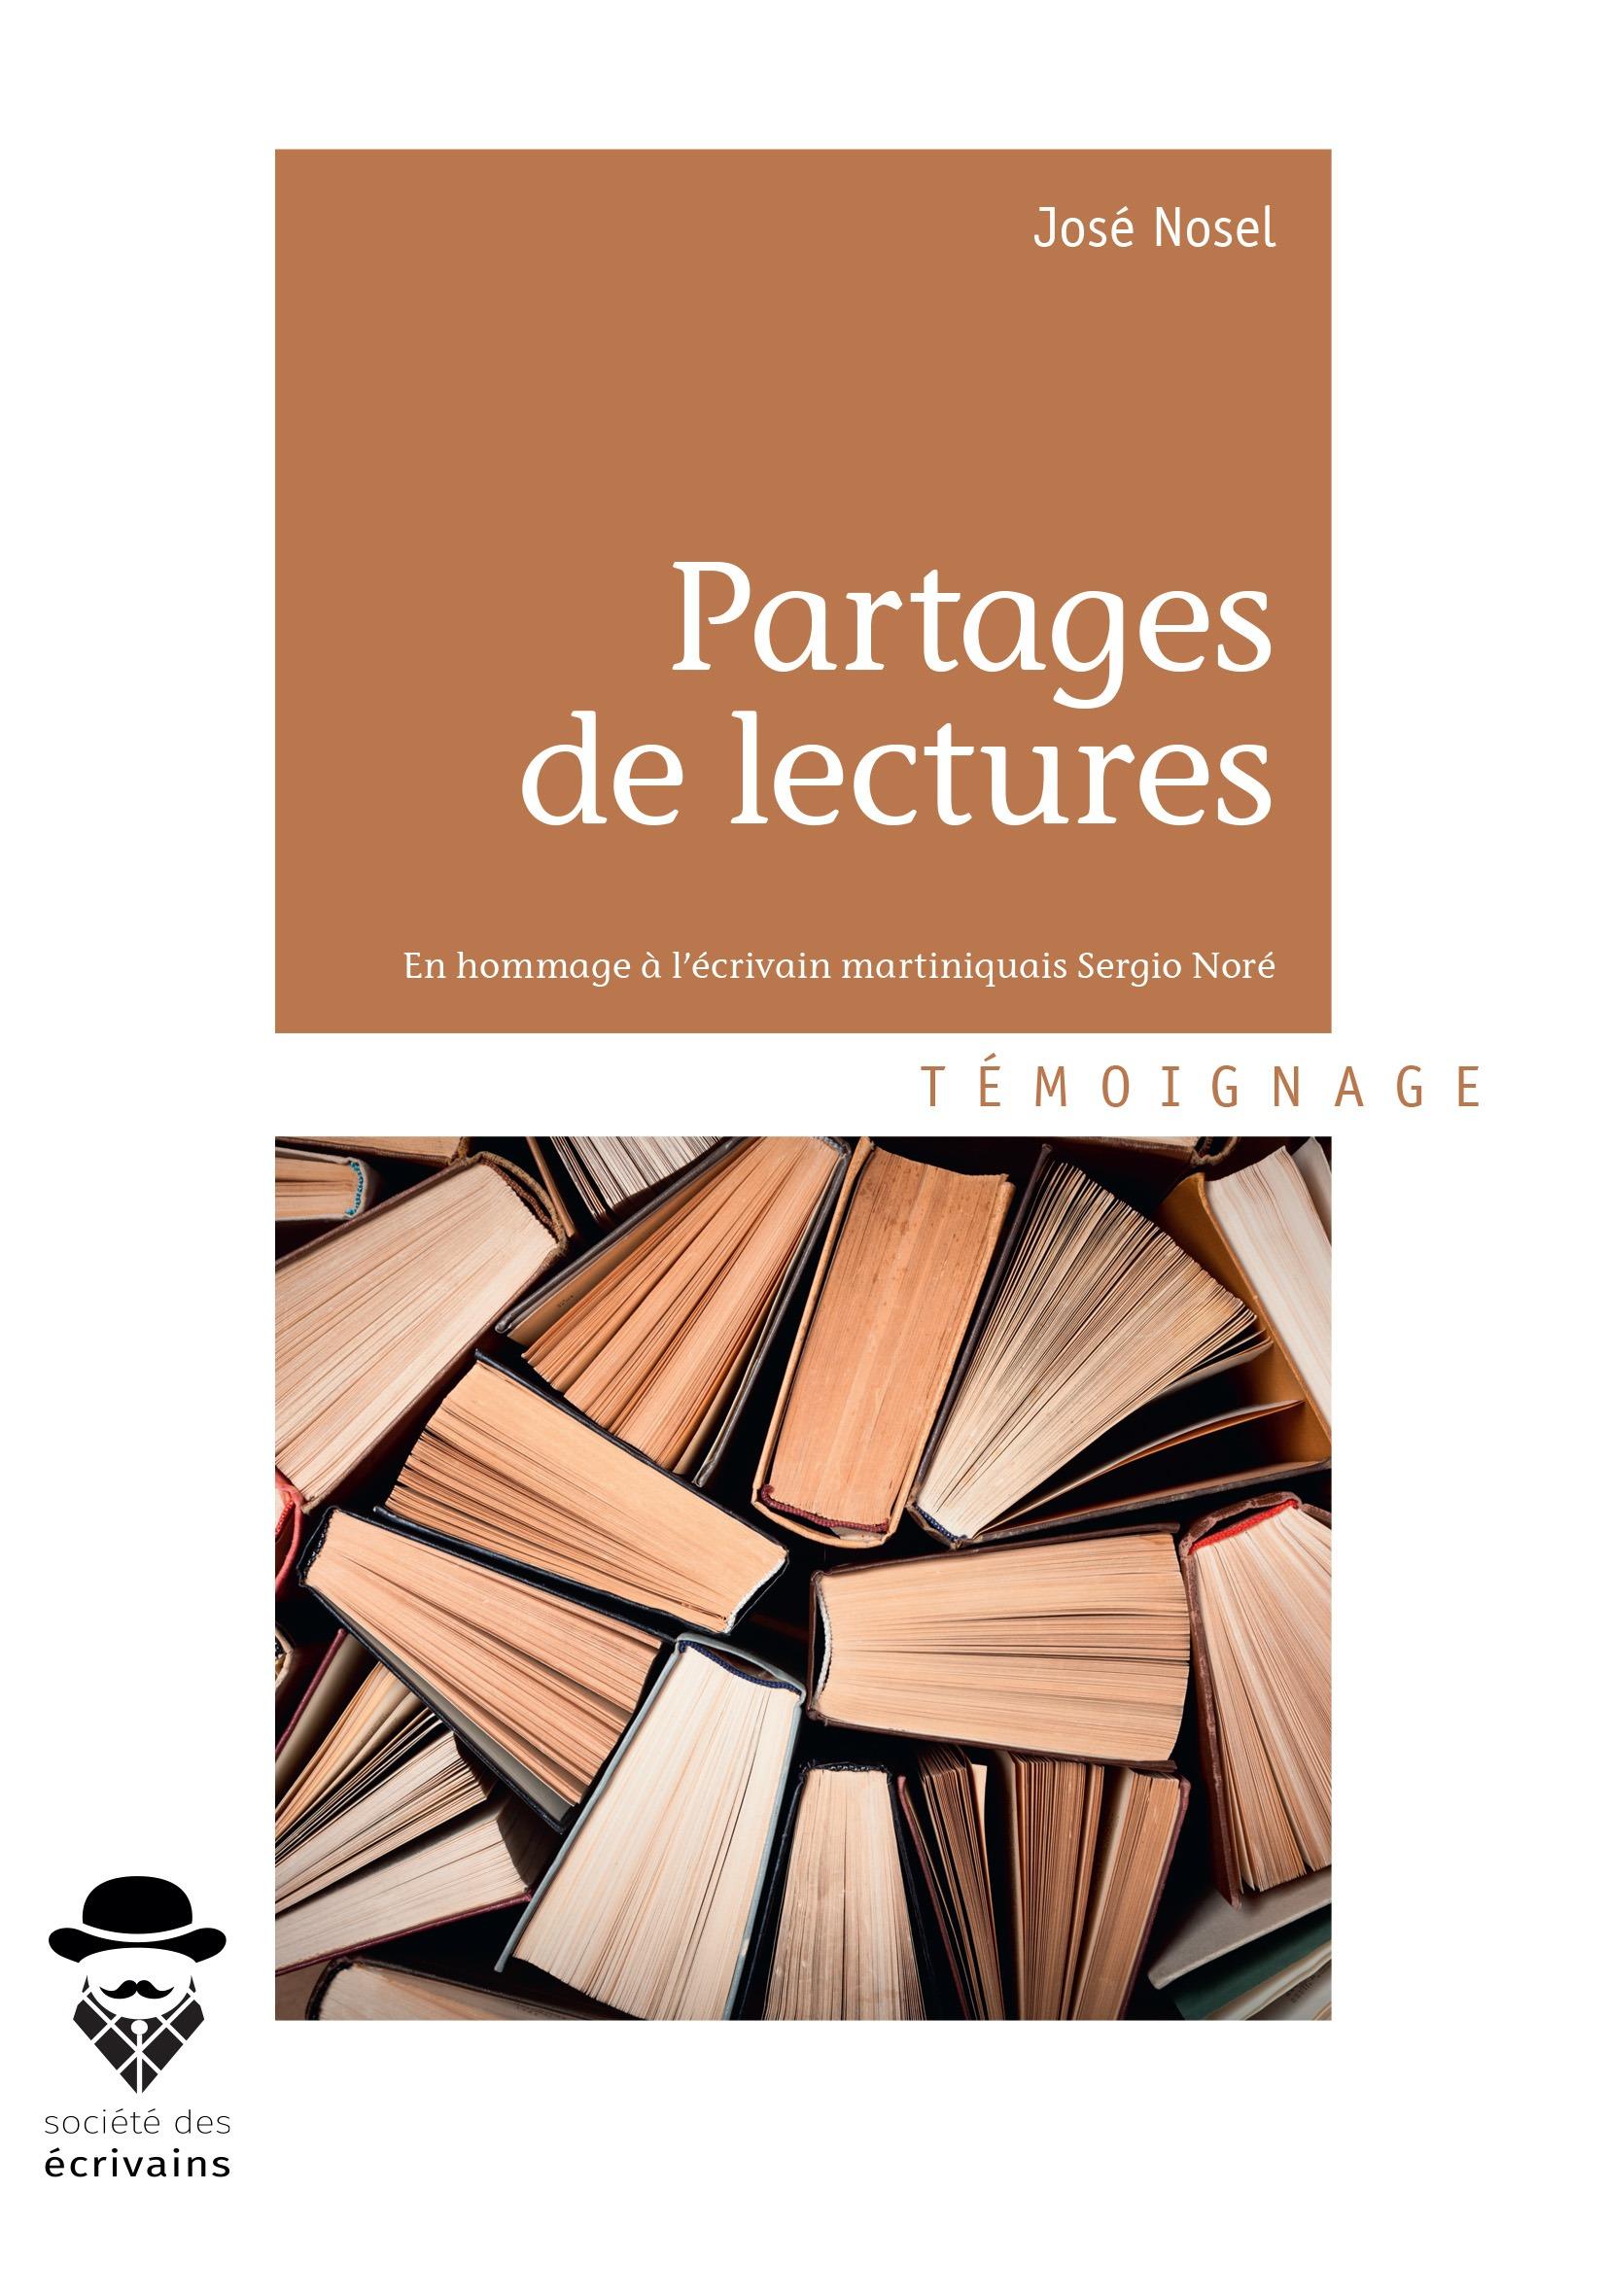 Partages de lectures